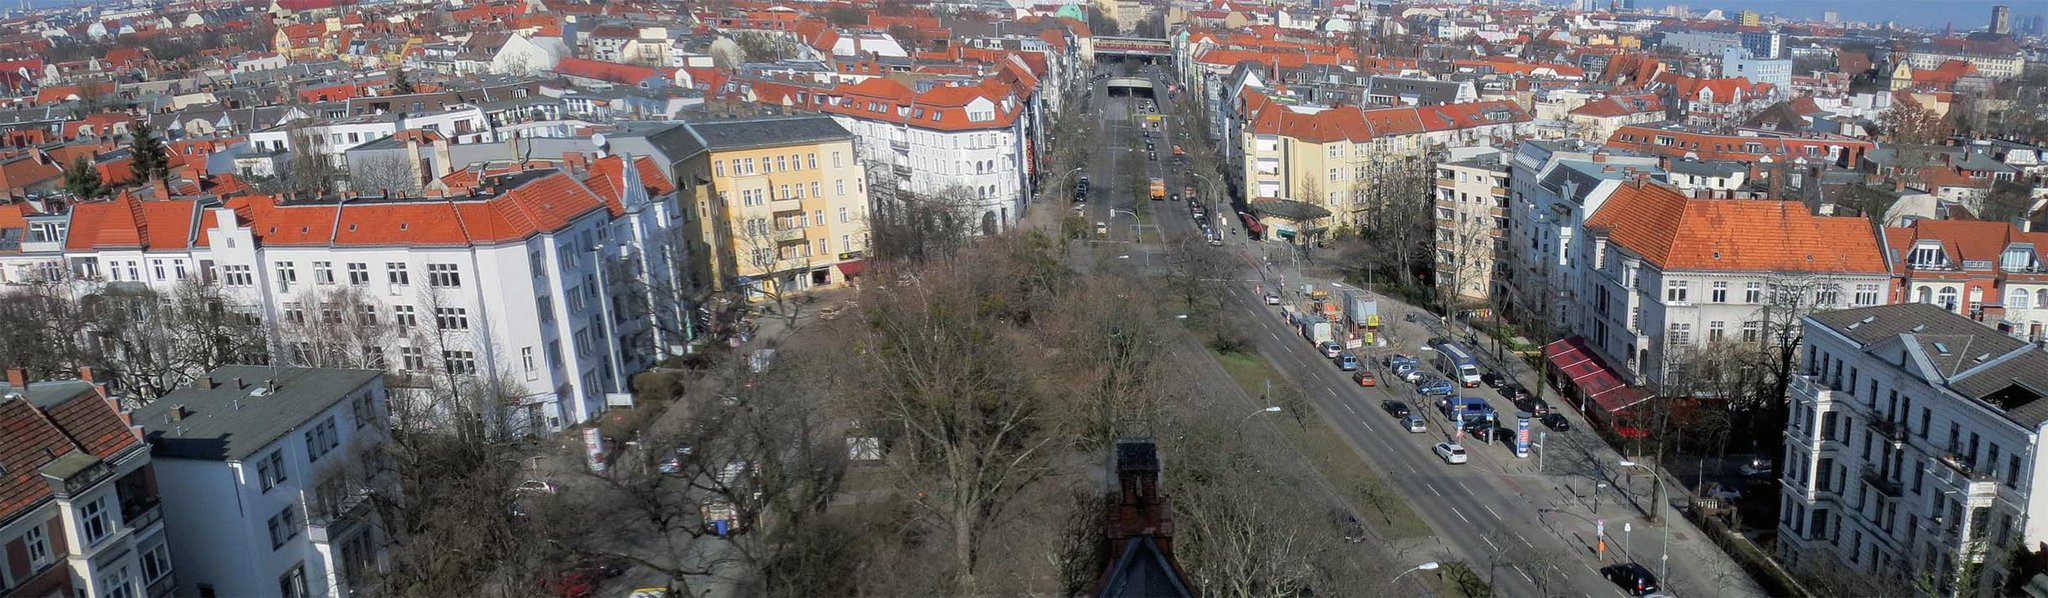 Friedrich Wilhelm Platz Bürgerinitiative Will Alte Bestimmung